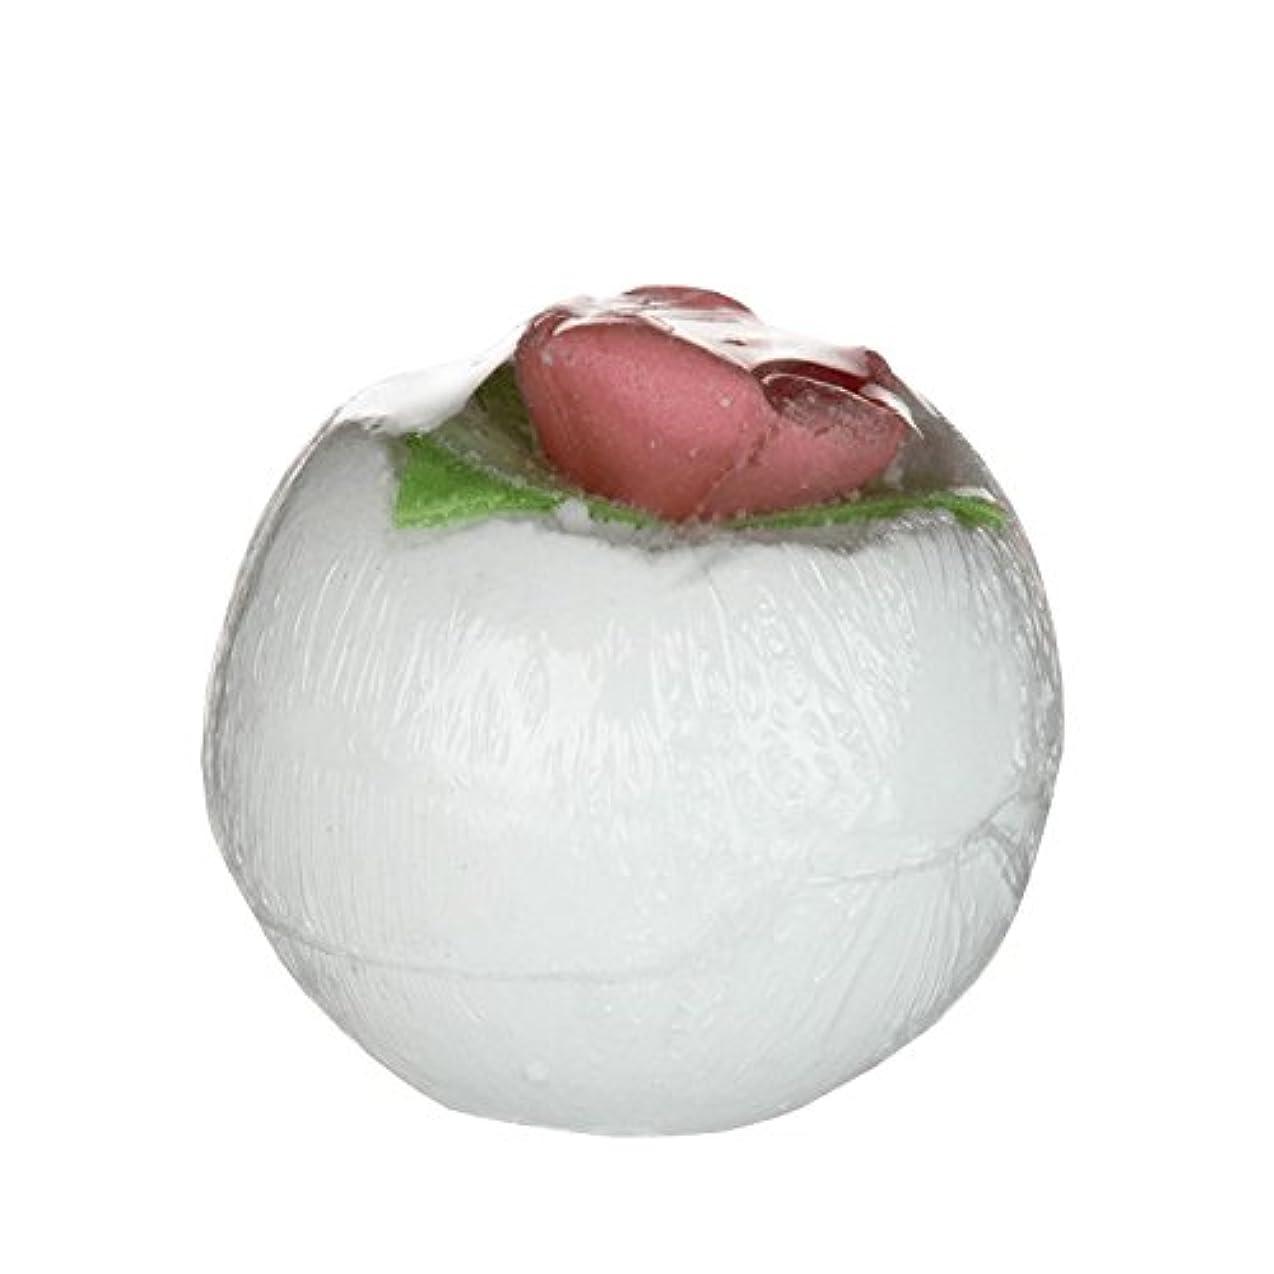 パスずるい窓を洗うTreetsバスボール最愛の花170グラム - Treets Bath Ball Darling Flower 170g (Treets) [並行輸入品]